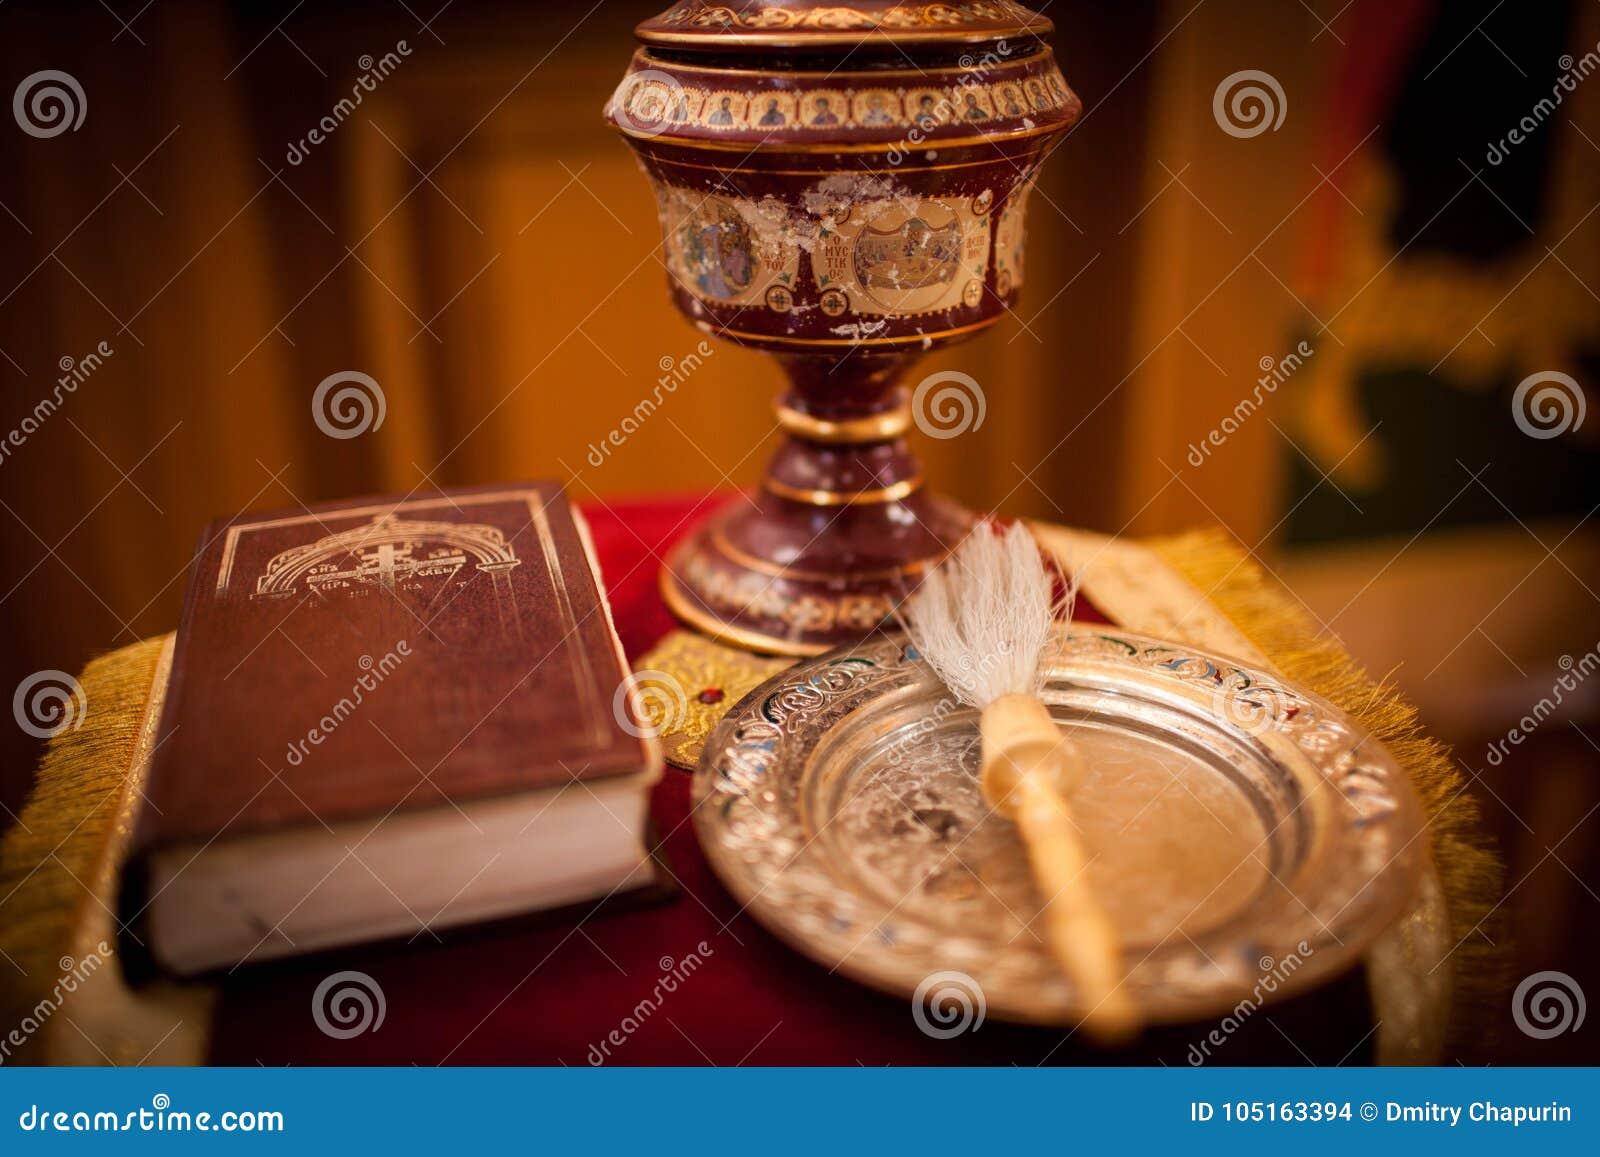 A Bíblia ortodoxo, cruz e uma mecha em um pano para o batismo